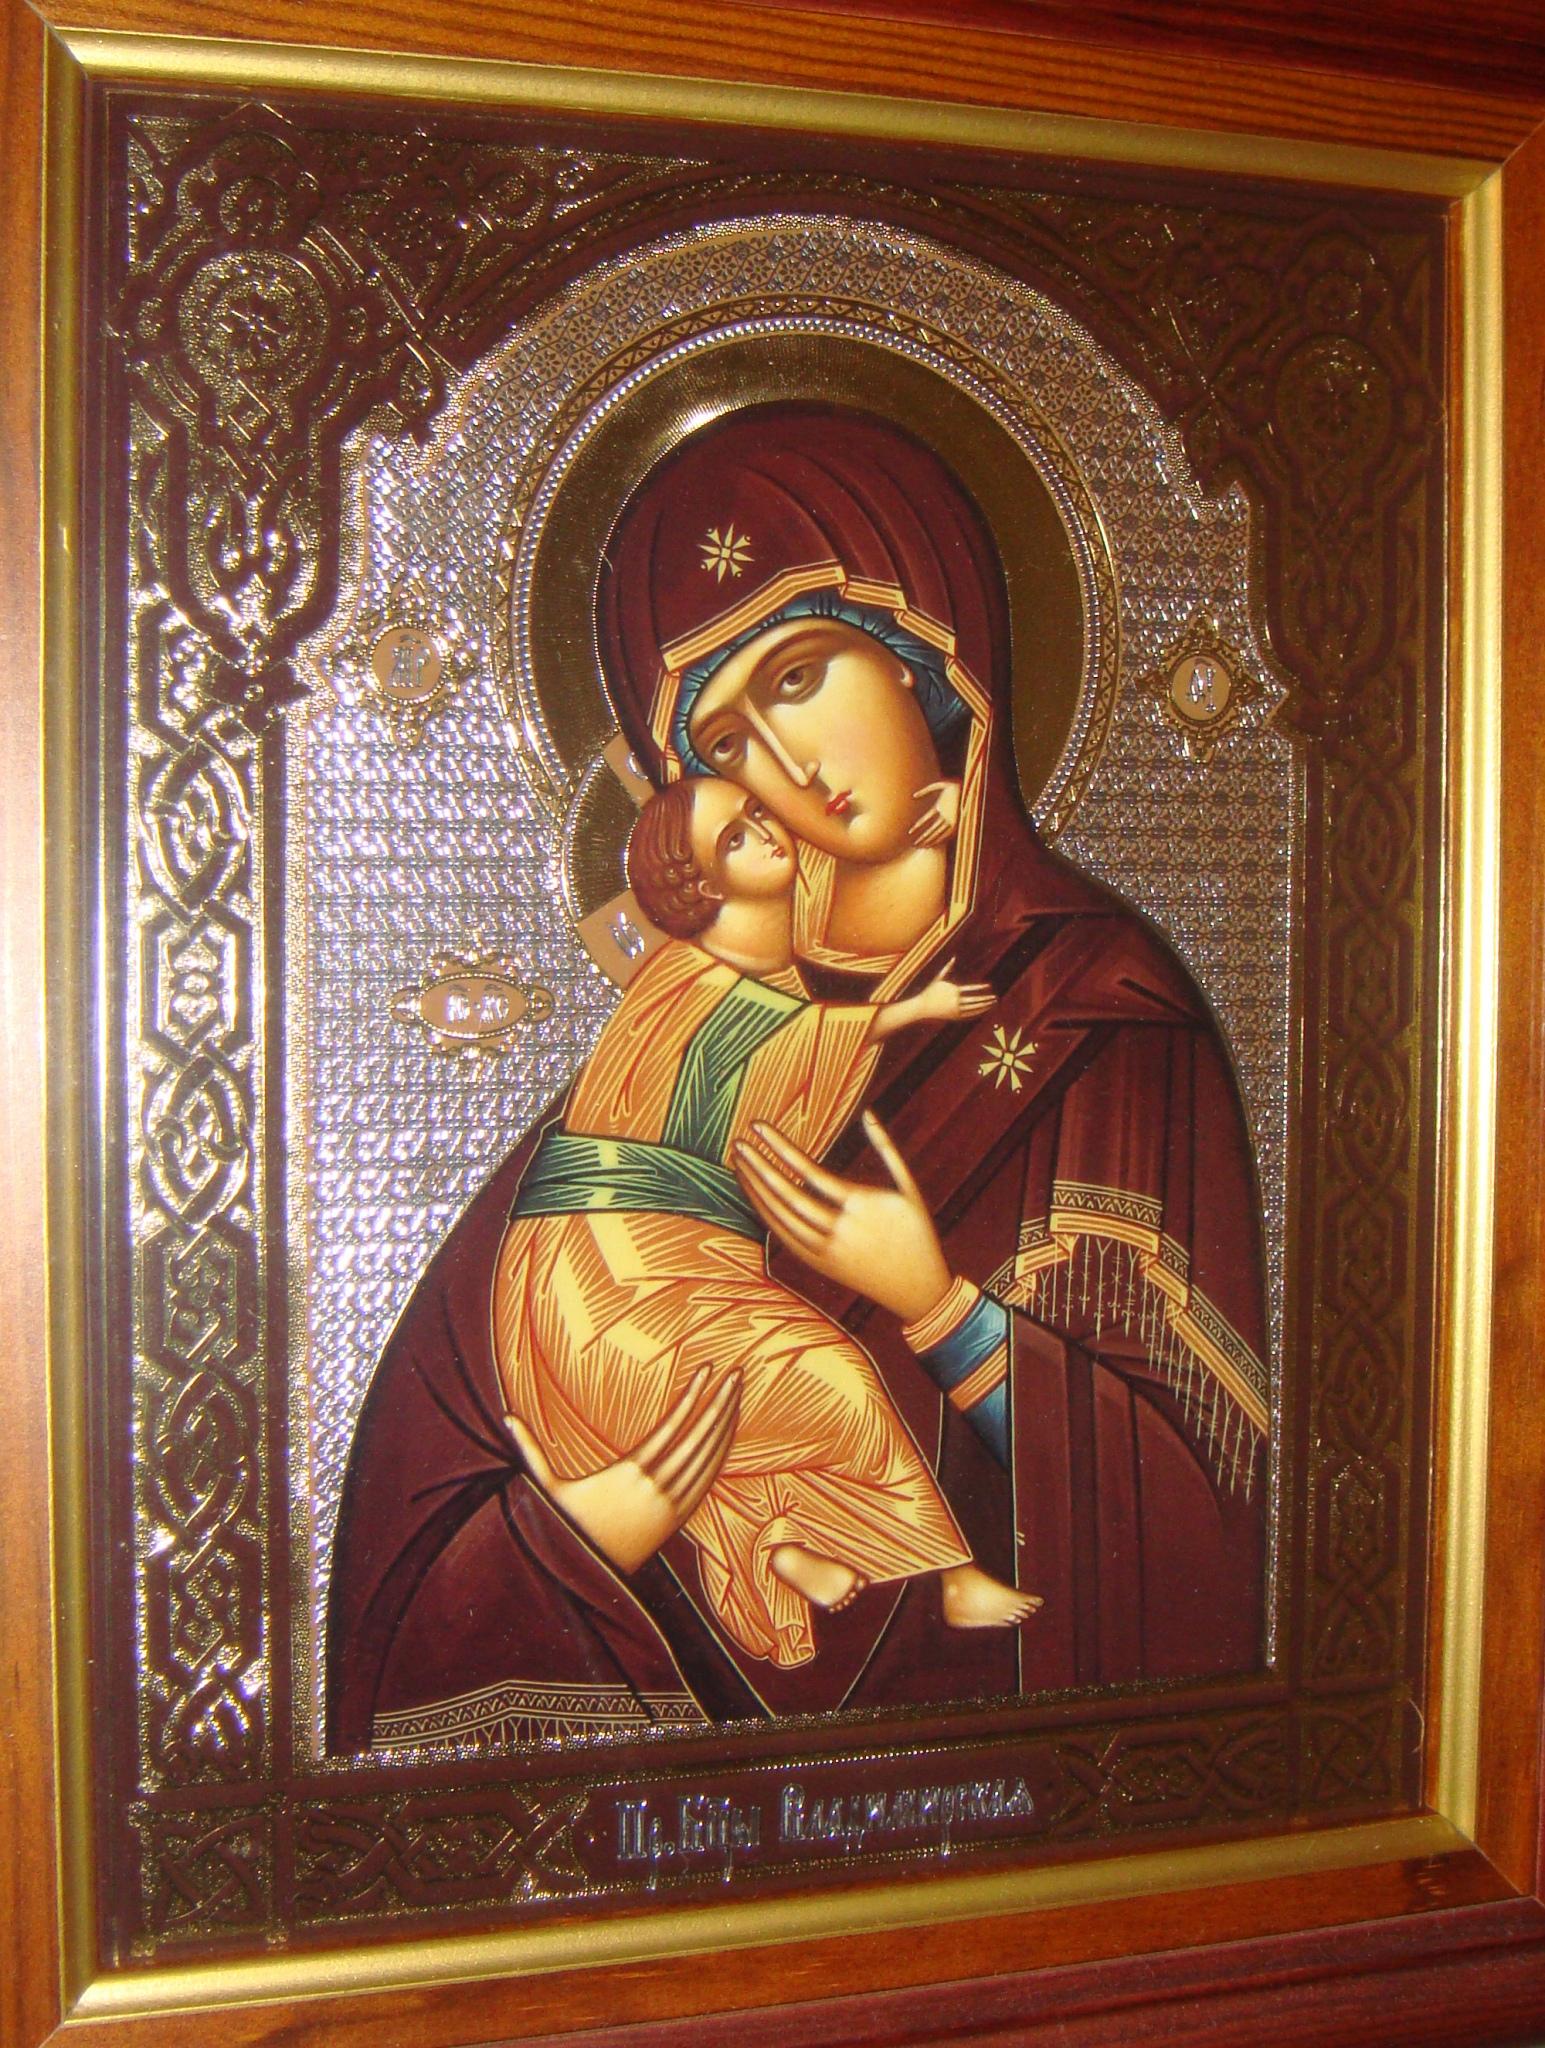 Вышивка икон. Владимирская икона Божией Матери вышитая 72